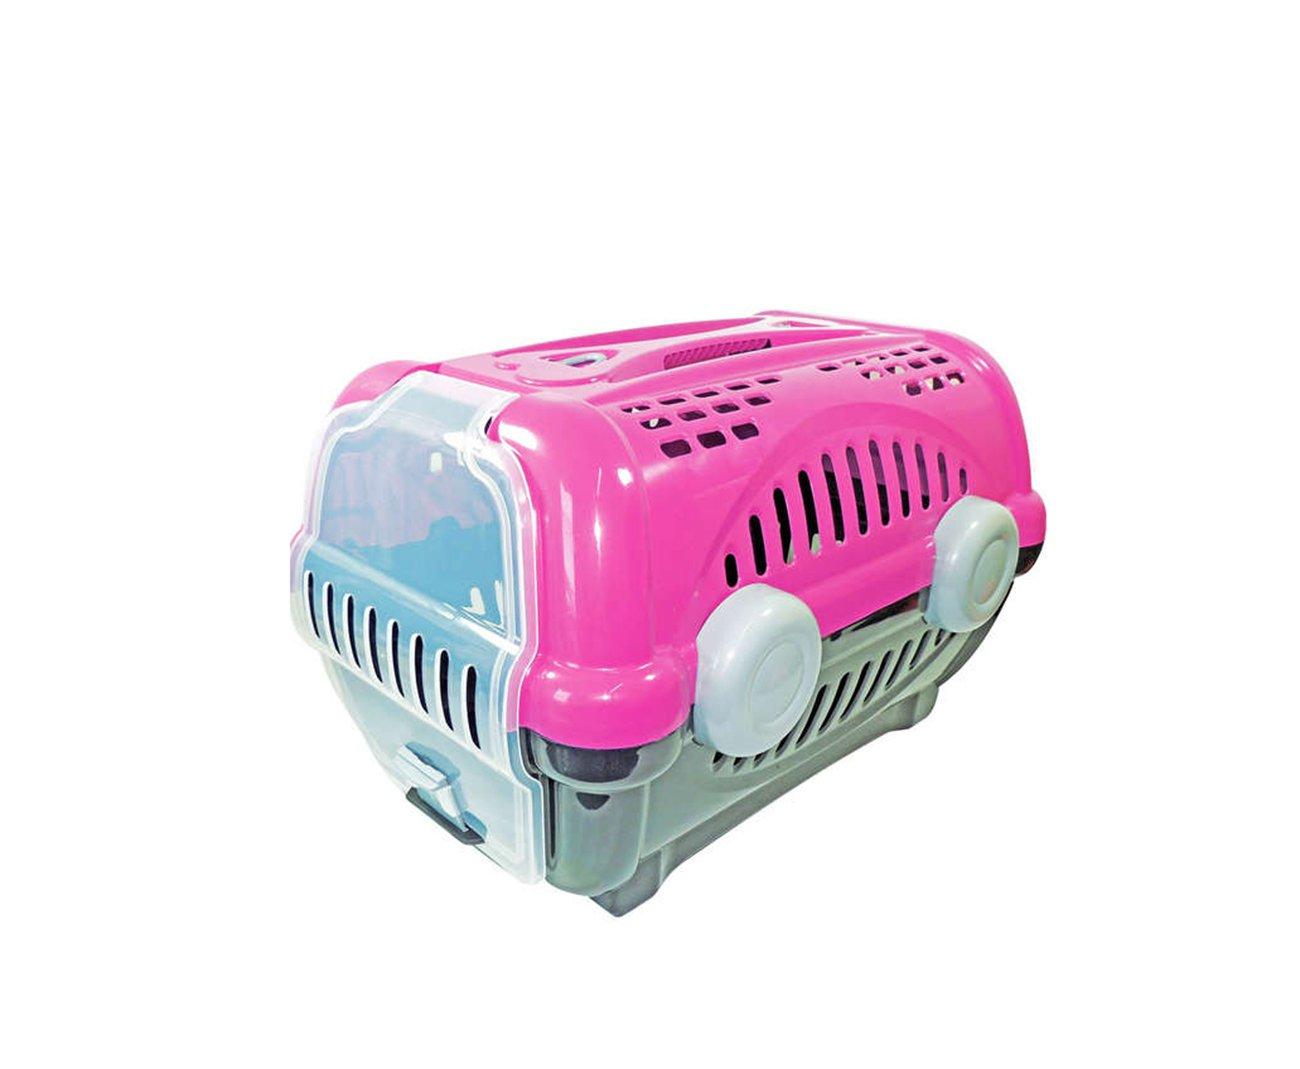 Caixa De Transporte Luxo N1 - Rosa - Furacãopet